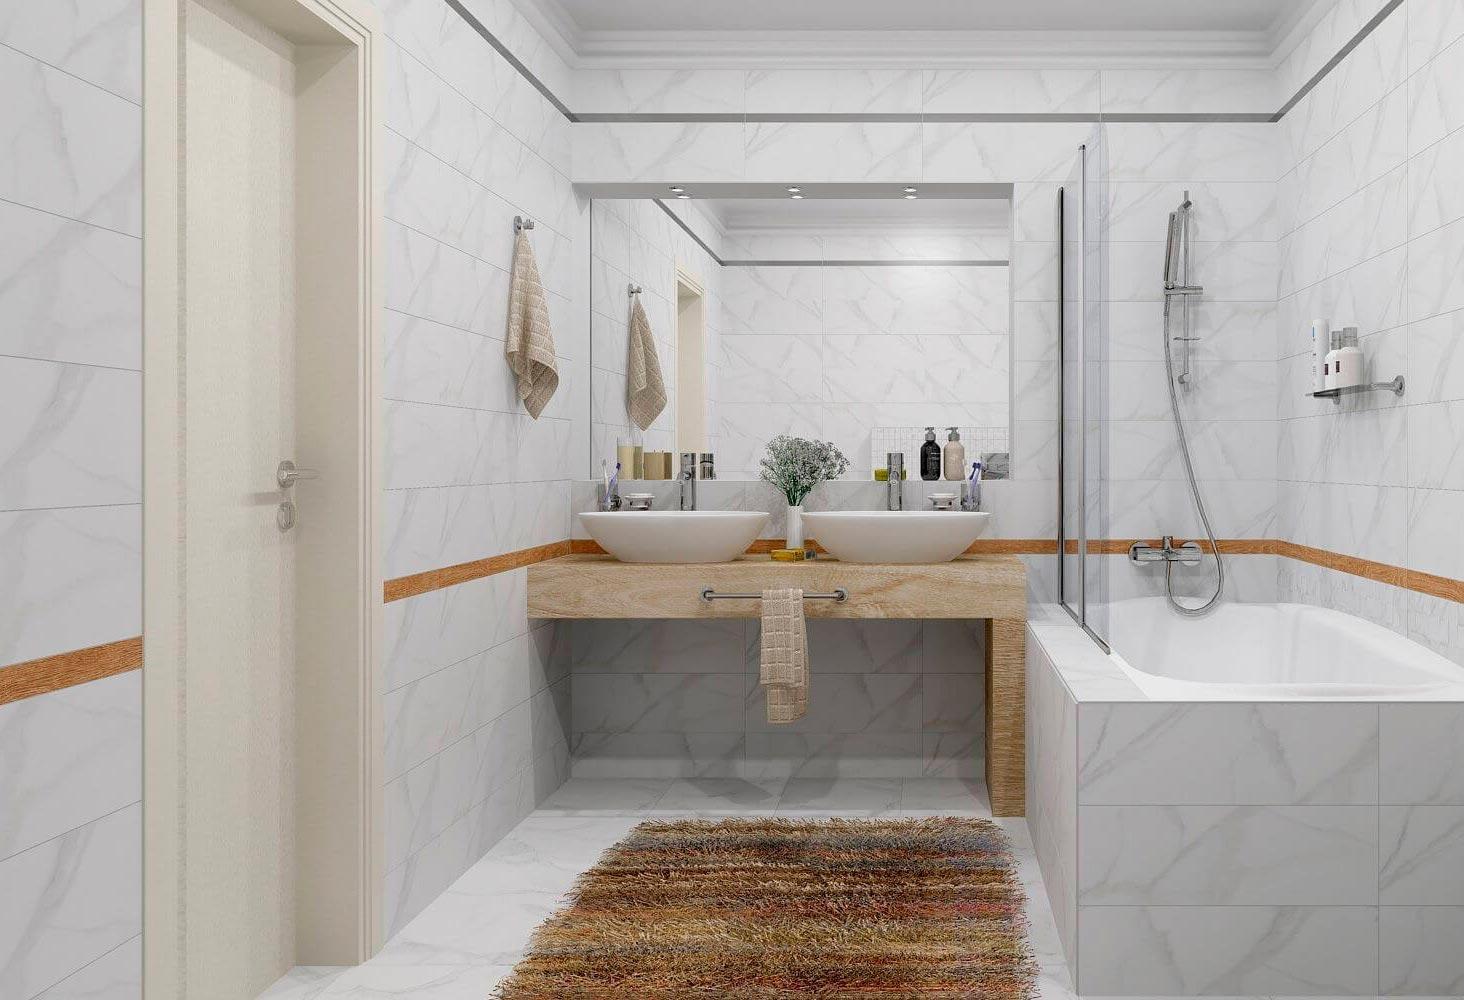 Какой цвет выбрать для плитки под мрамор в ванной 2